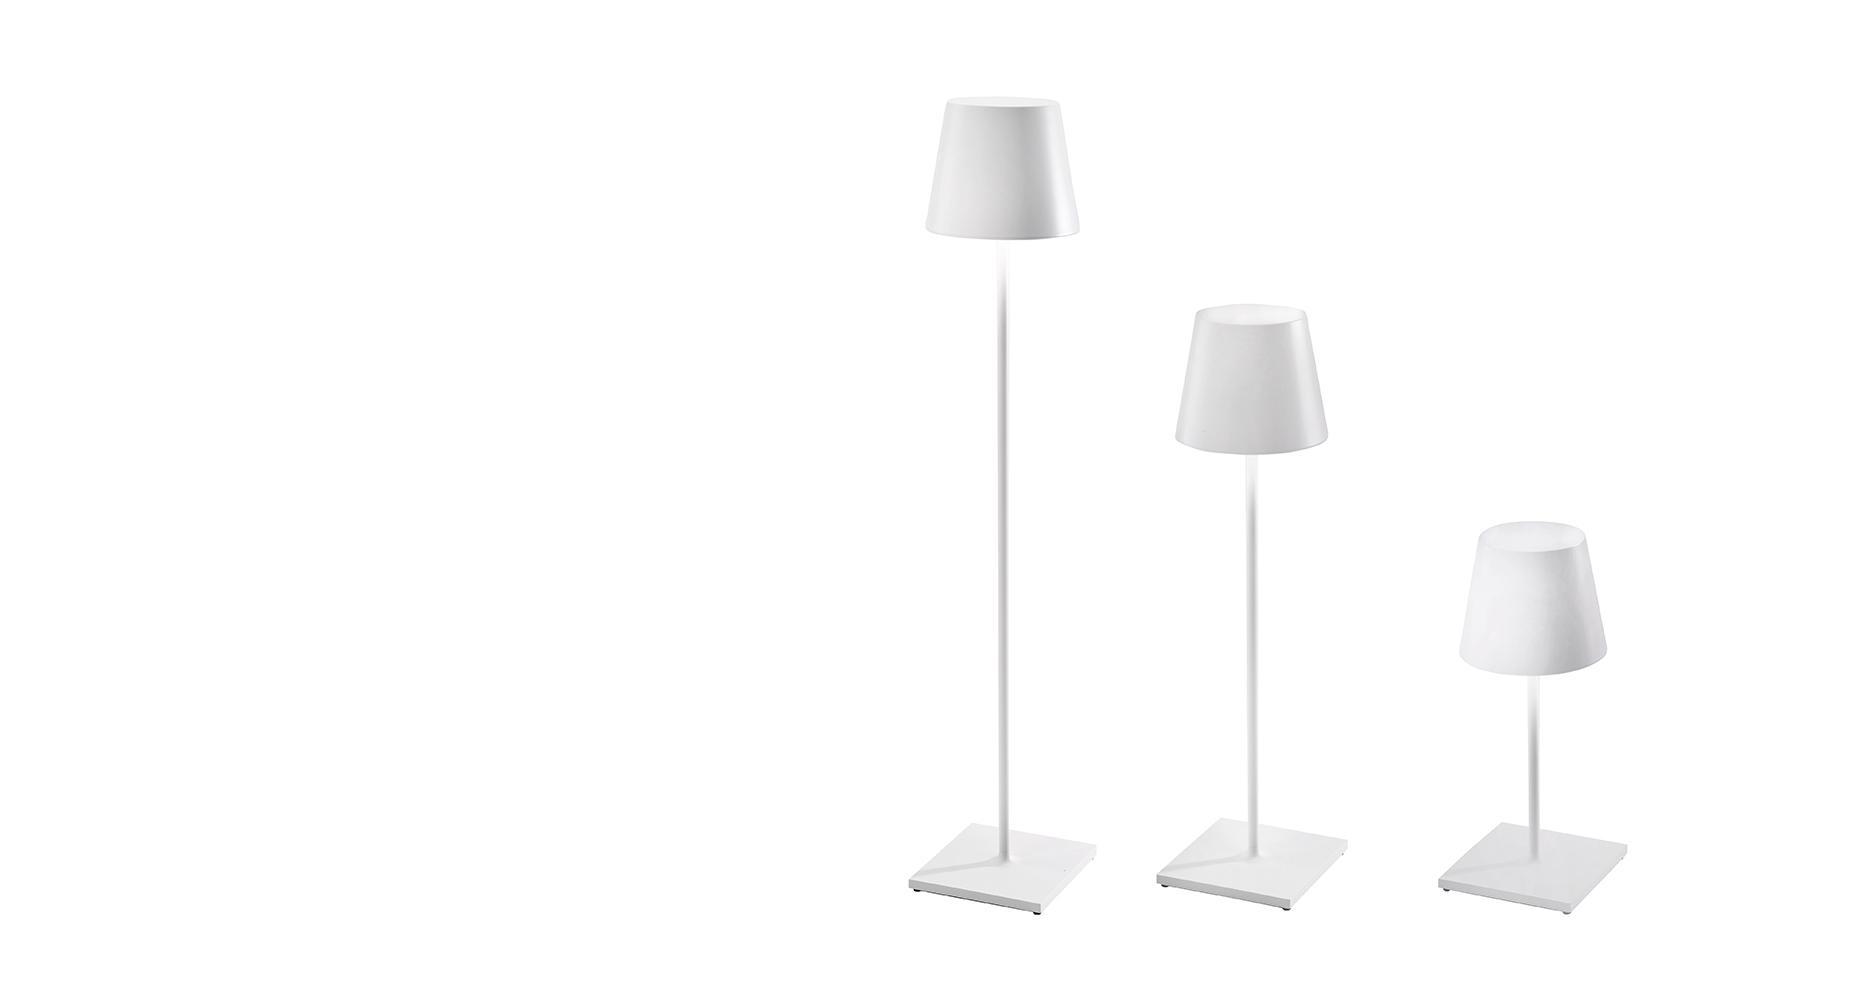 Bežična podna LED lampa Poldina Pro XXL IP54